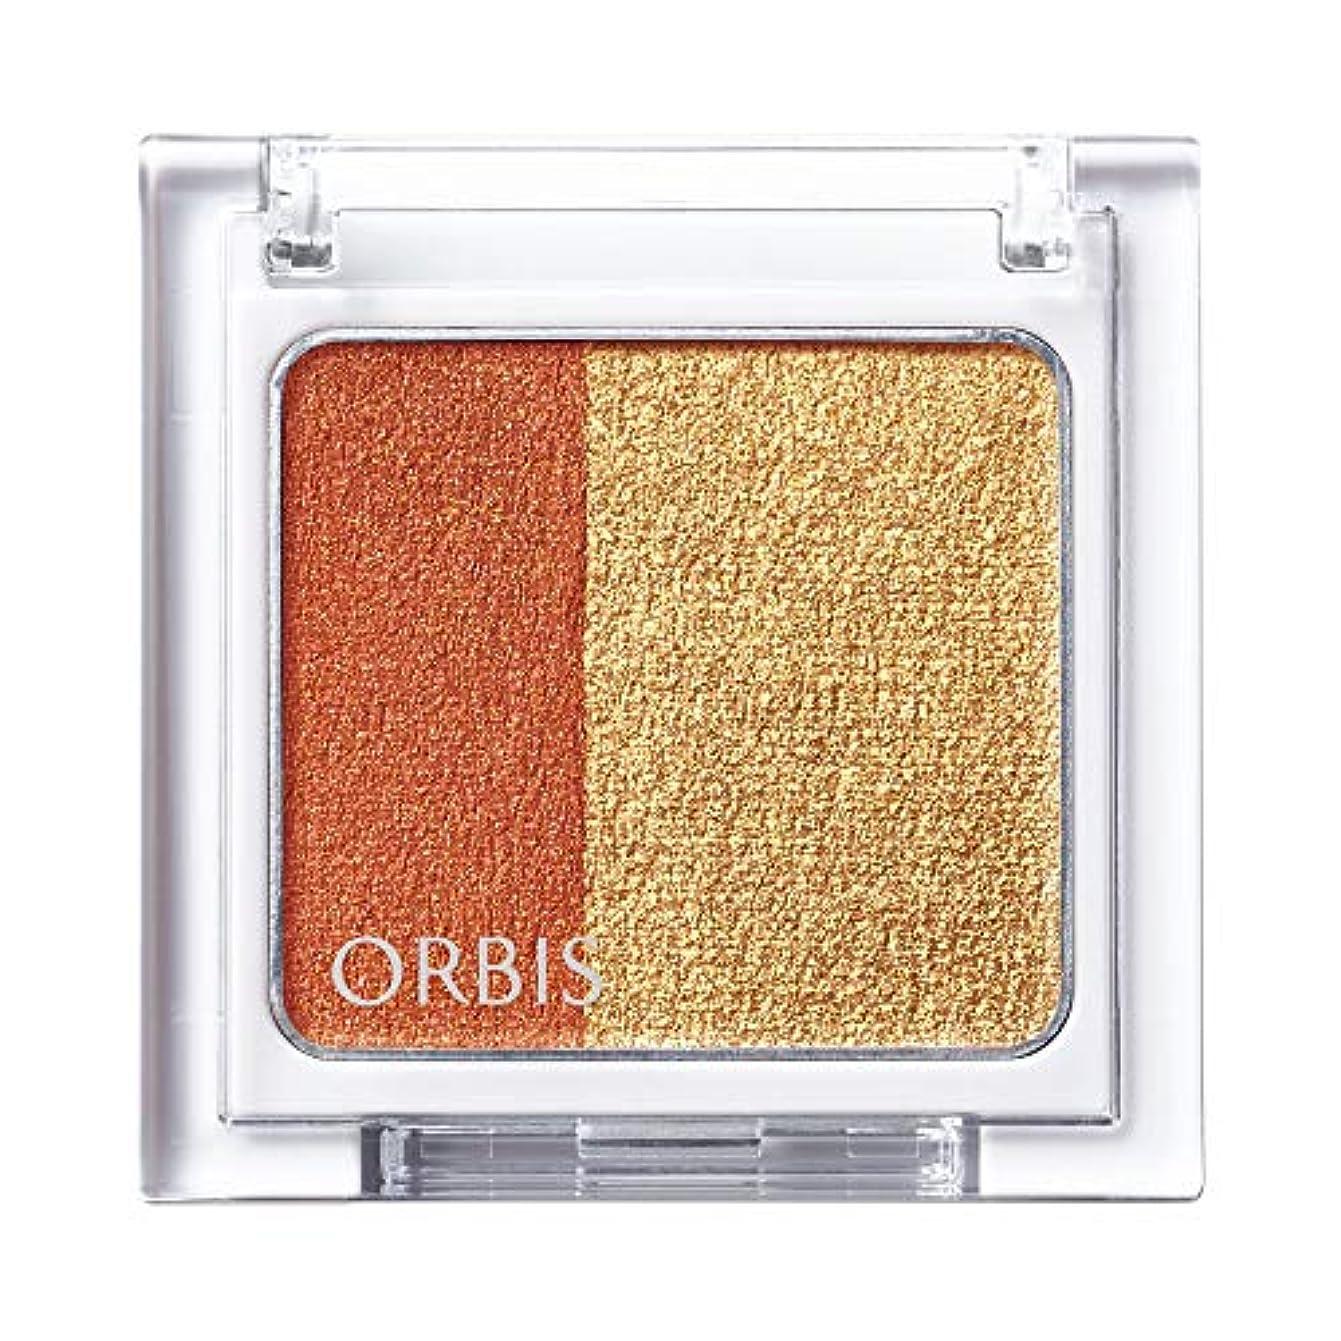 かどうか異常な脅かすオルビス(ORBIS) ツイングラデーションアイカラー オレンジブリック(パウダータイプ) ◎アイシャドウ◎